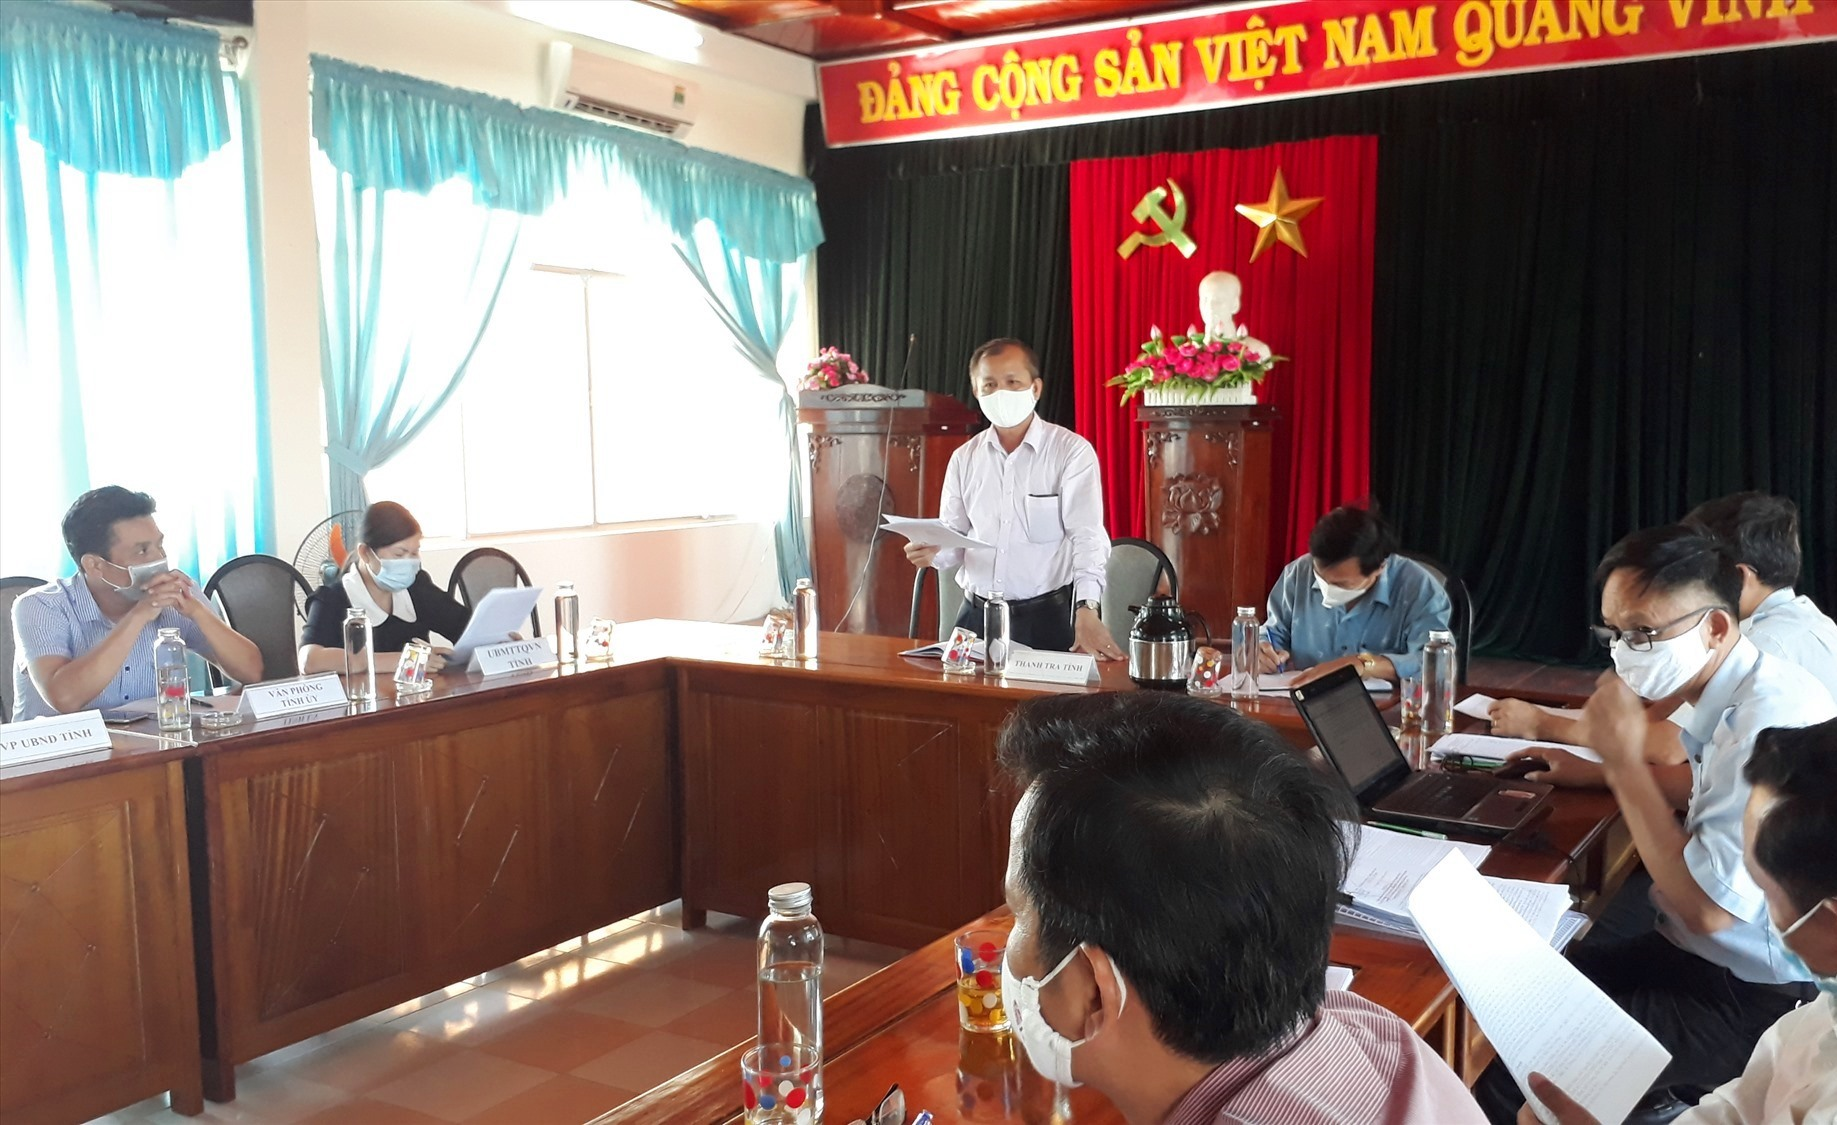 Chánh Thanh tra tỉnh Nguyễn Đức Tiến chủ trì buổi đối thoại. Ảnh: X.P